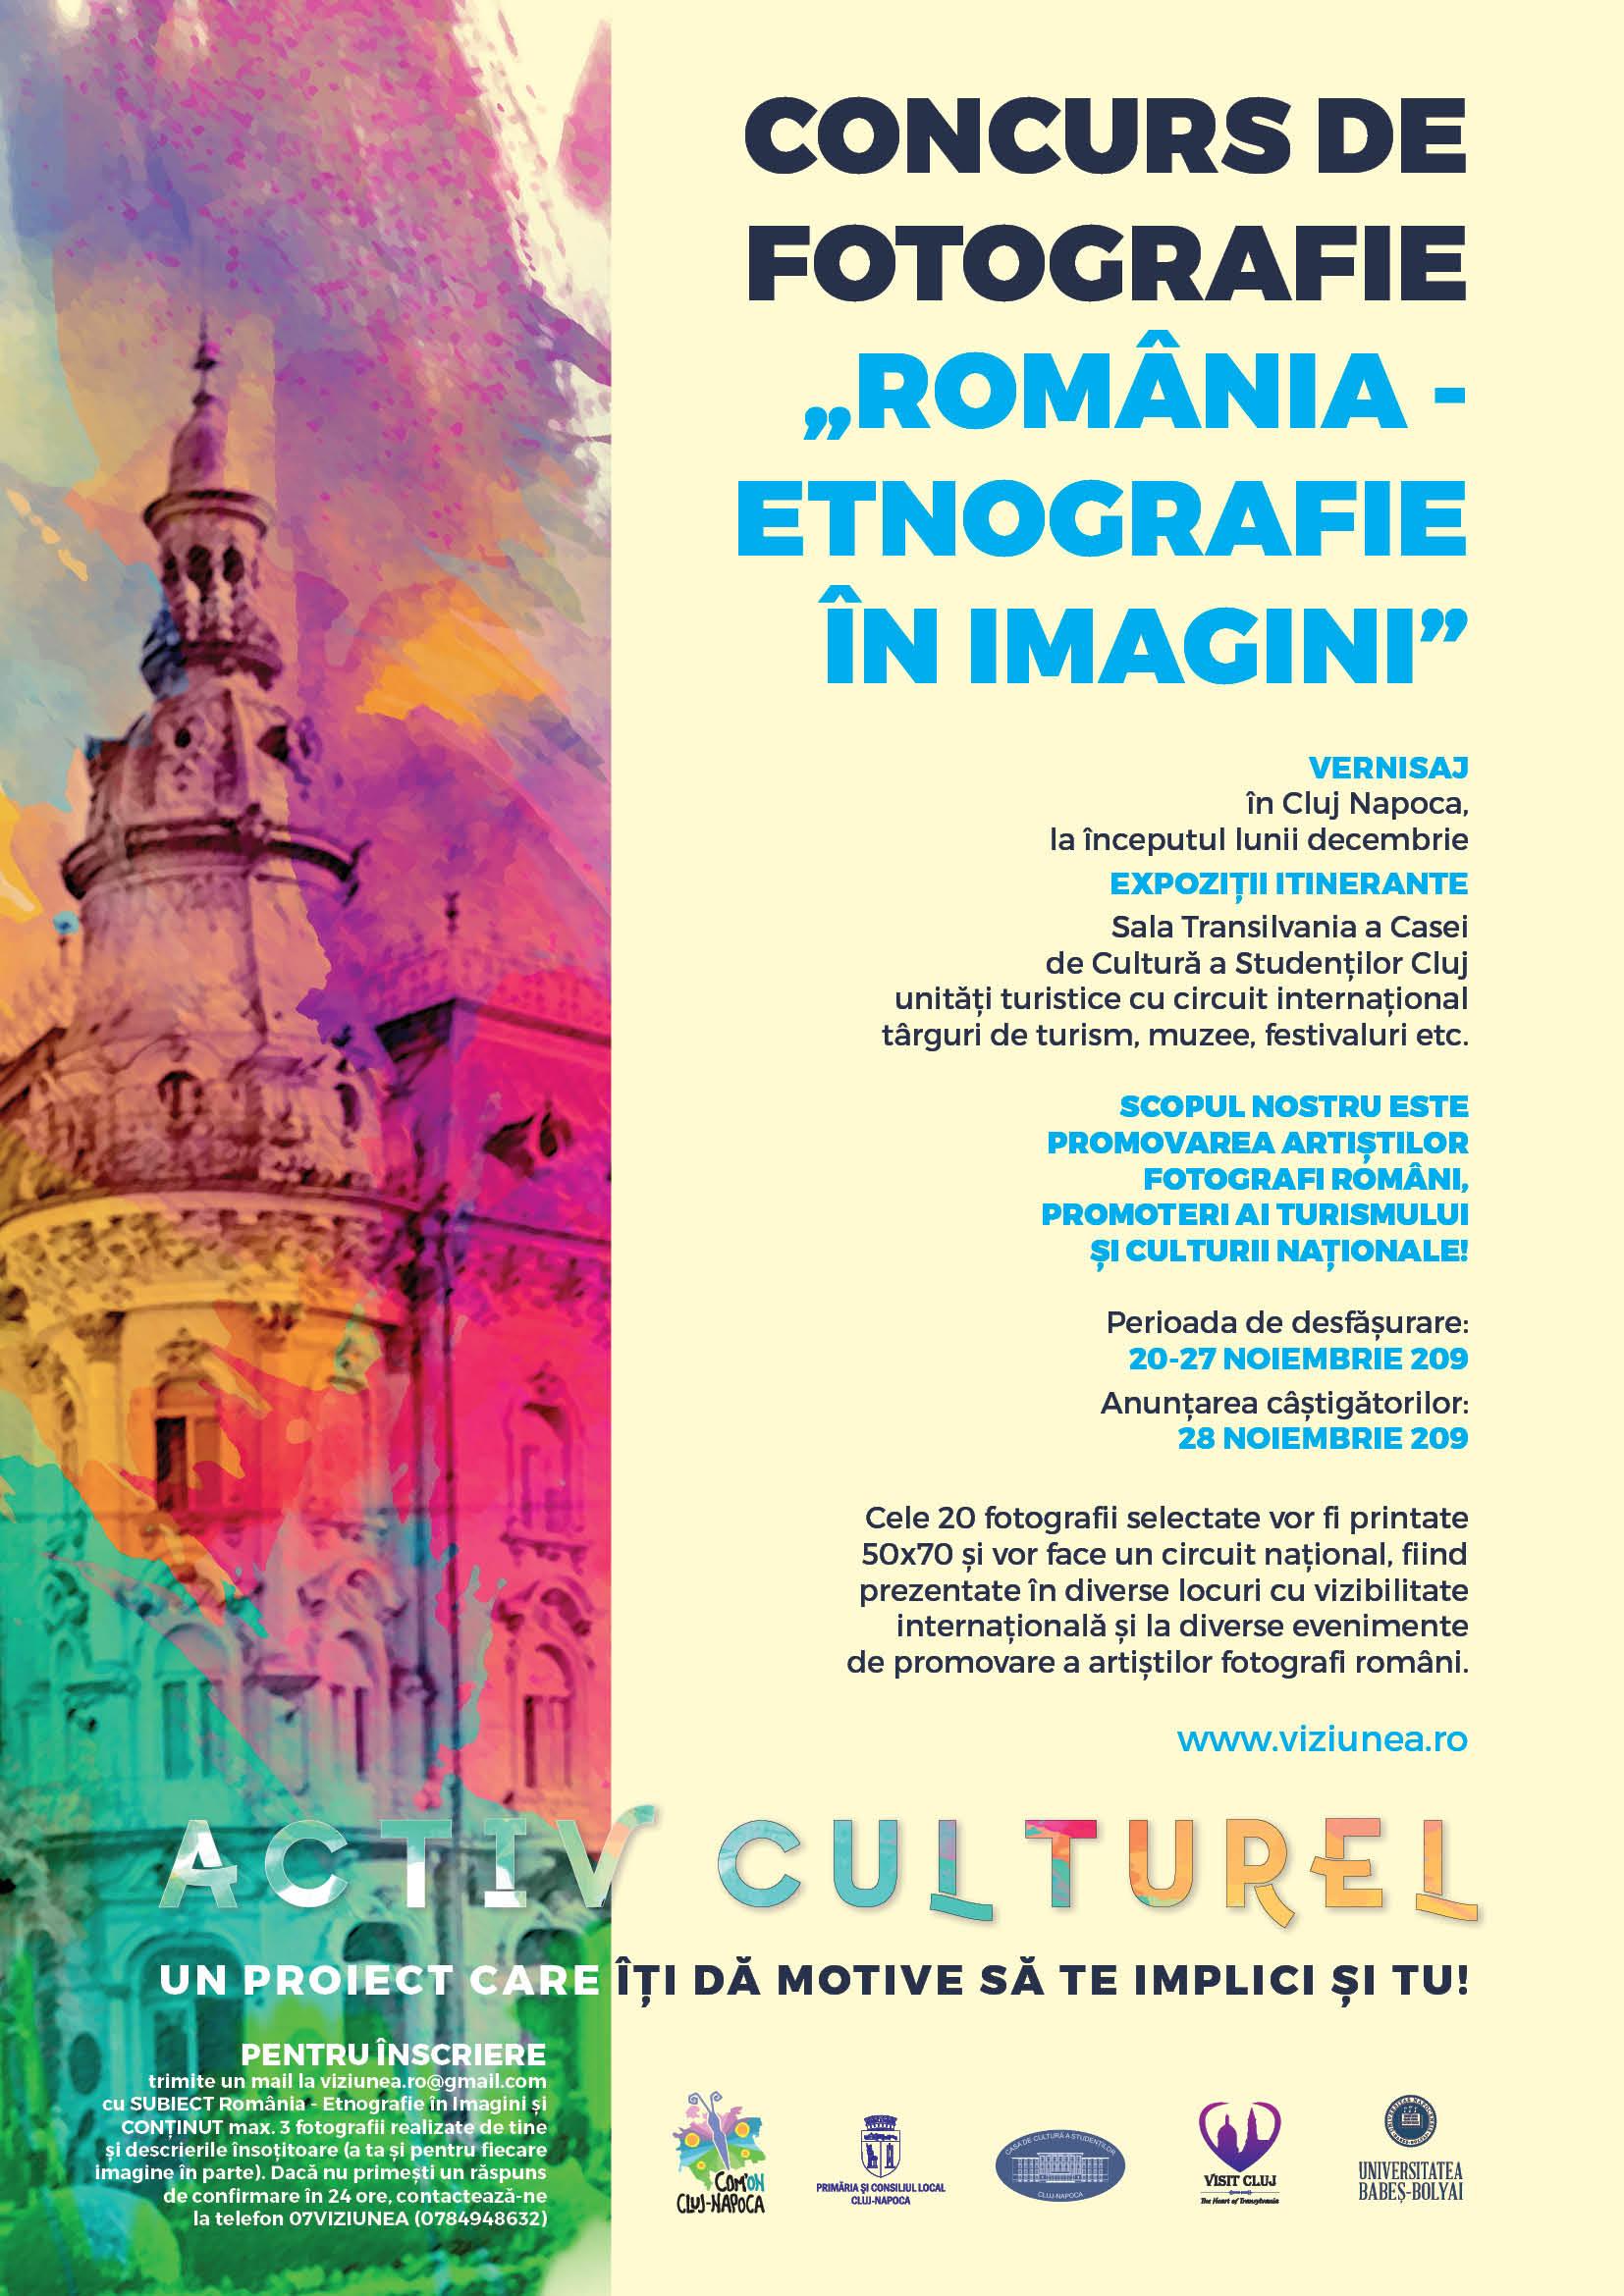 România - Etnografie în Imagini - Concurs de Fotografie